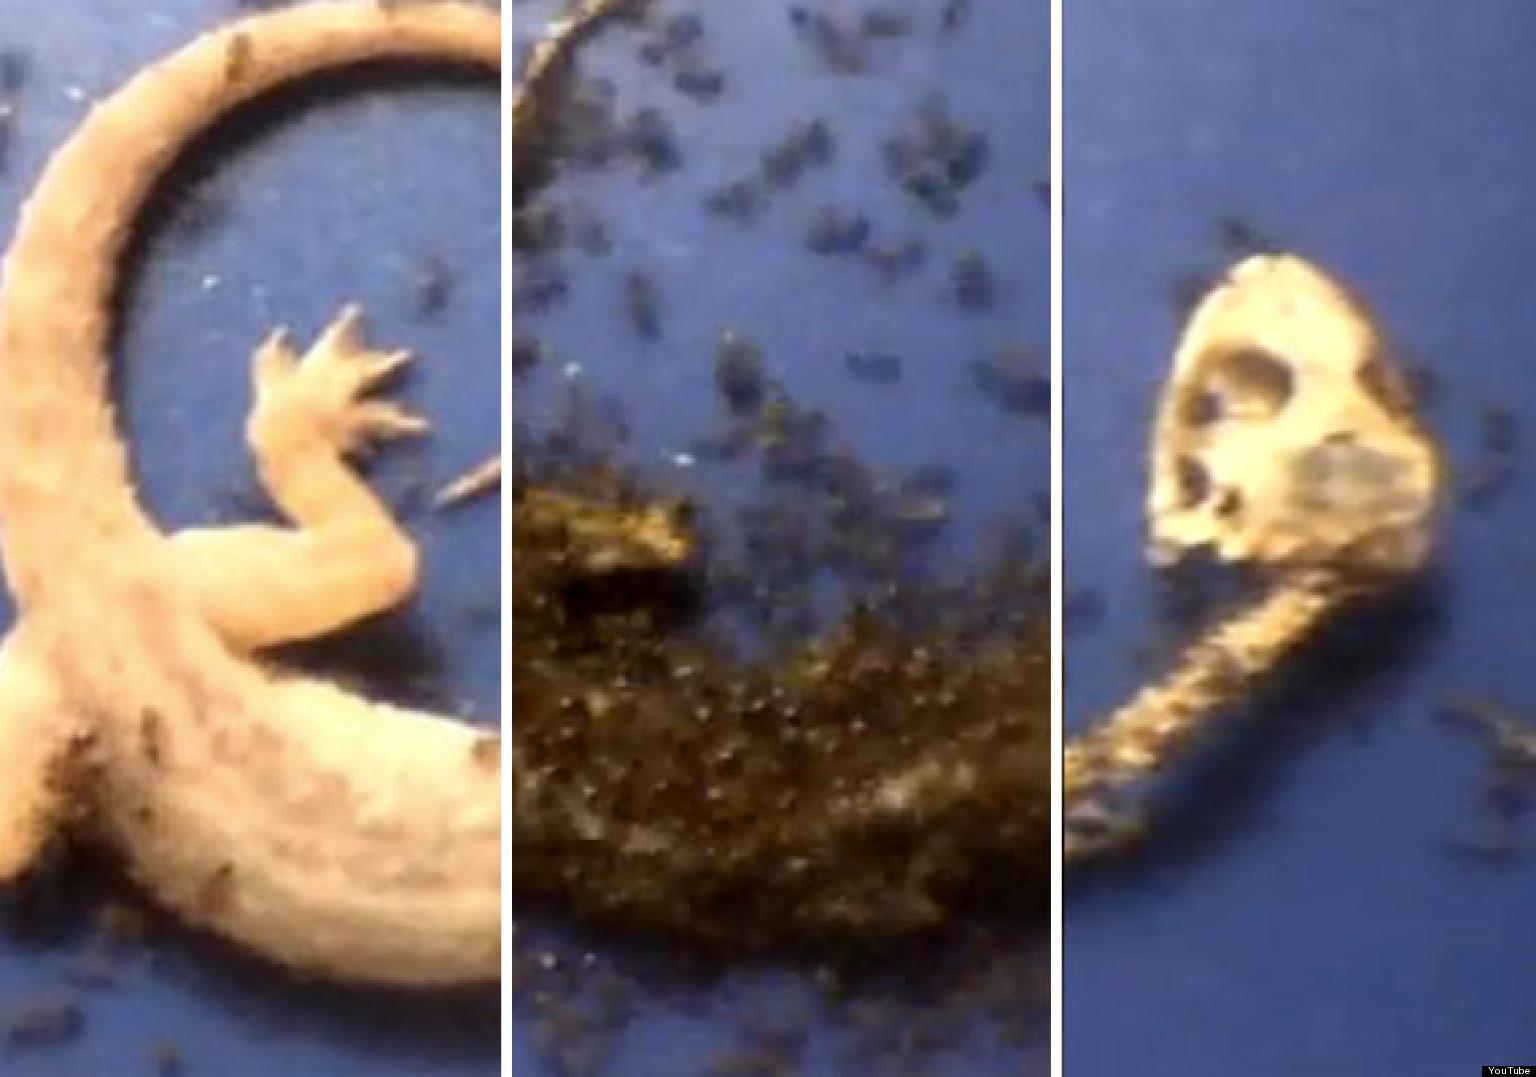 o-ANTS-EATING-GECKO-VIDEO-facebook.jpg